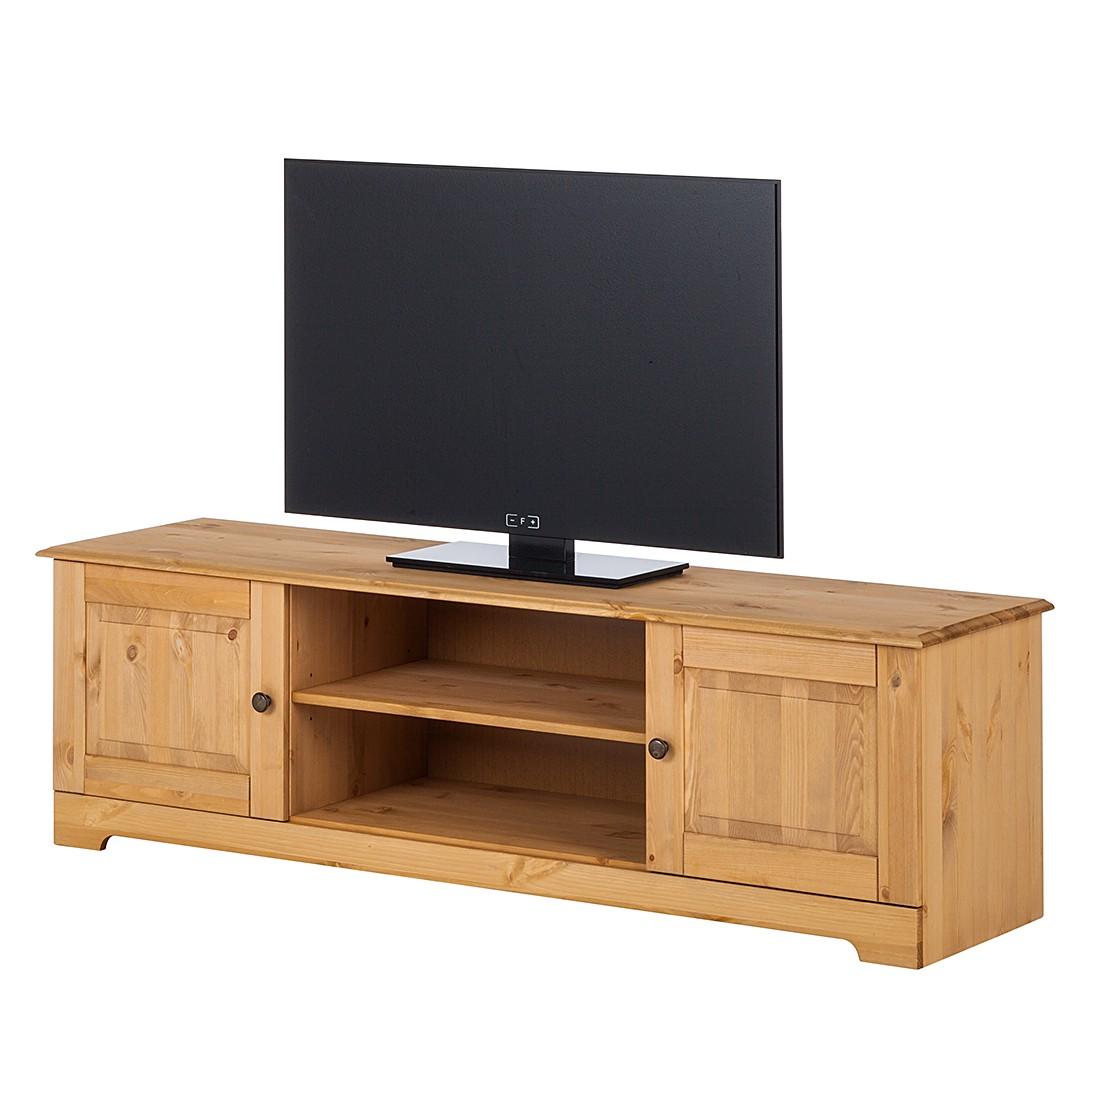 lowboard nora i kiefer massiv gebeizt gewachst. Black Bedroom Furniture Sets. Home Design Ideas